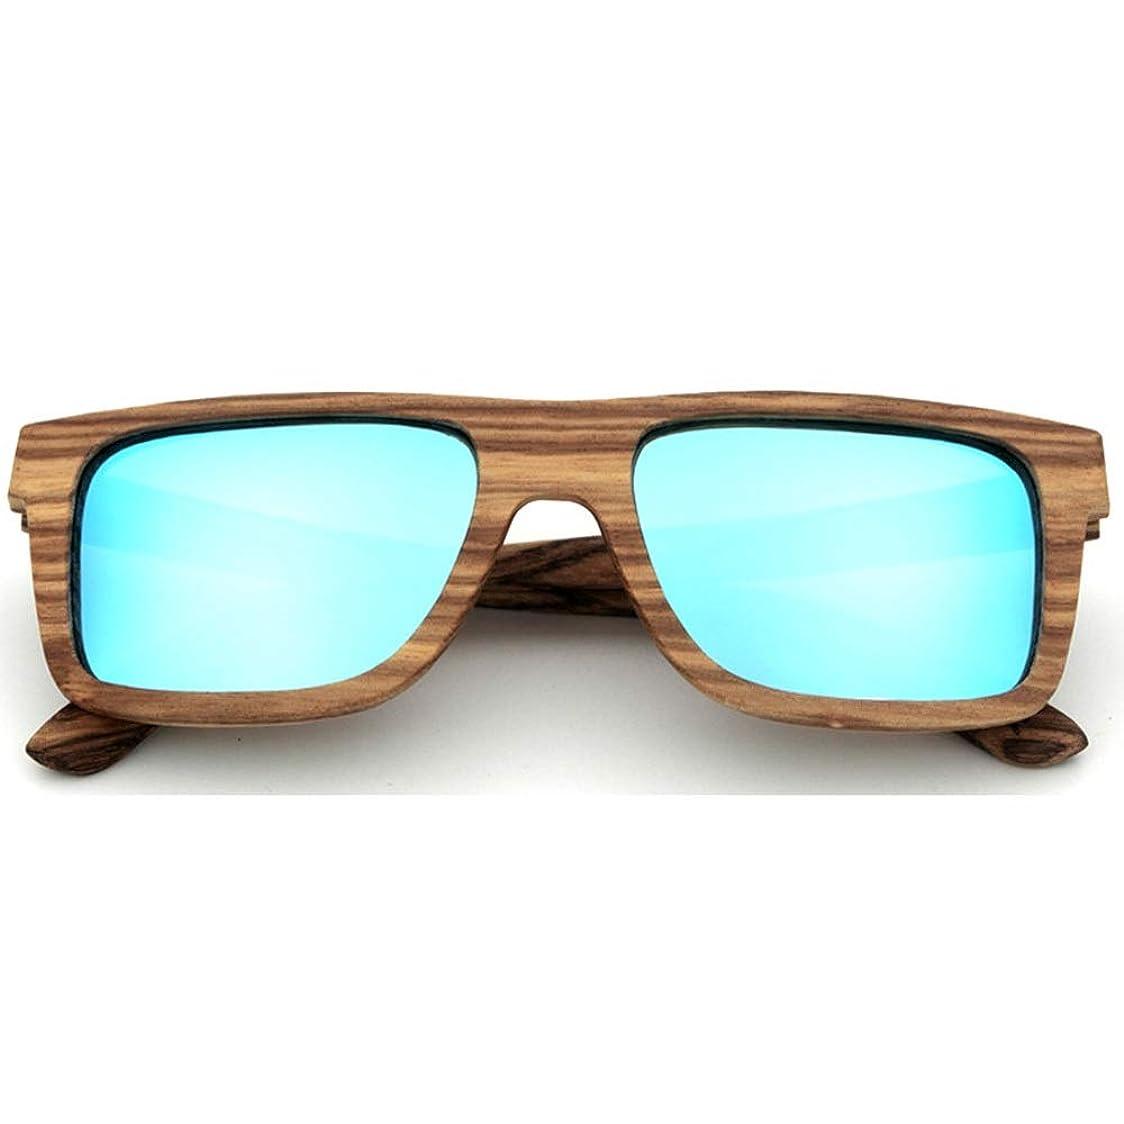 スローガン乱闘空いているFELICIAAA メンズスポーツ用偏光板サングラス、手作り木製フレームメガネ (色 : 青)